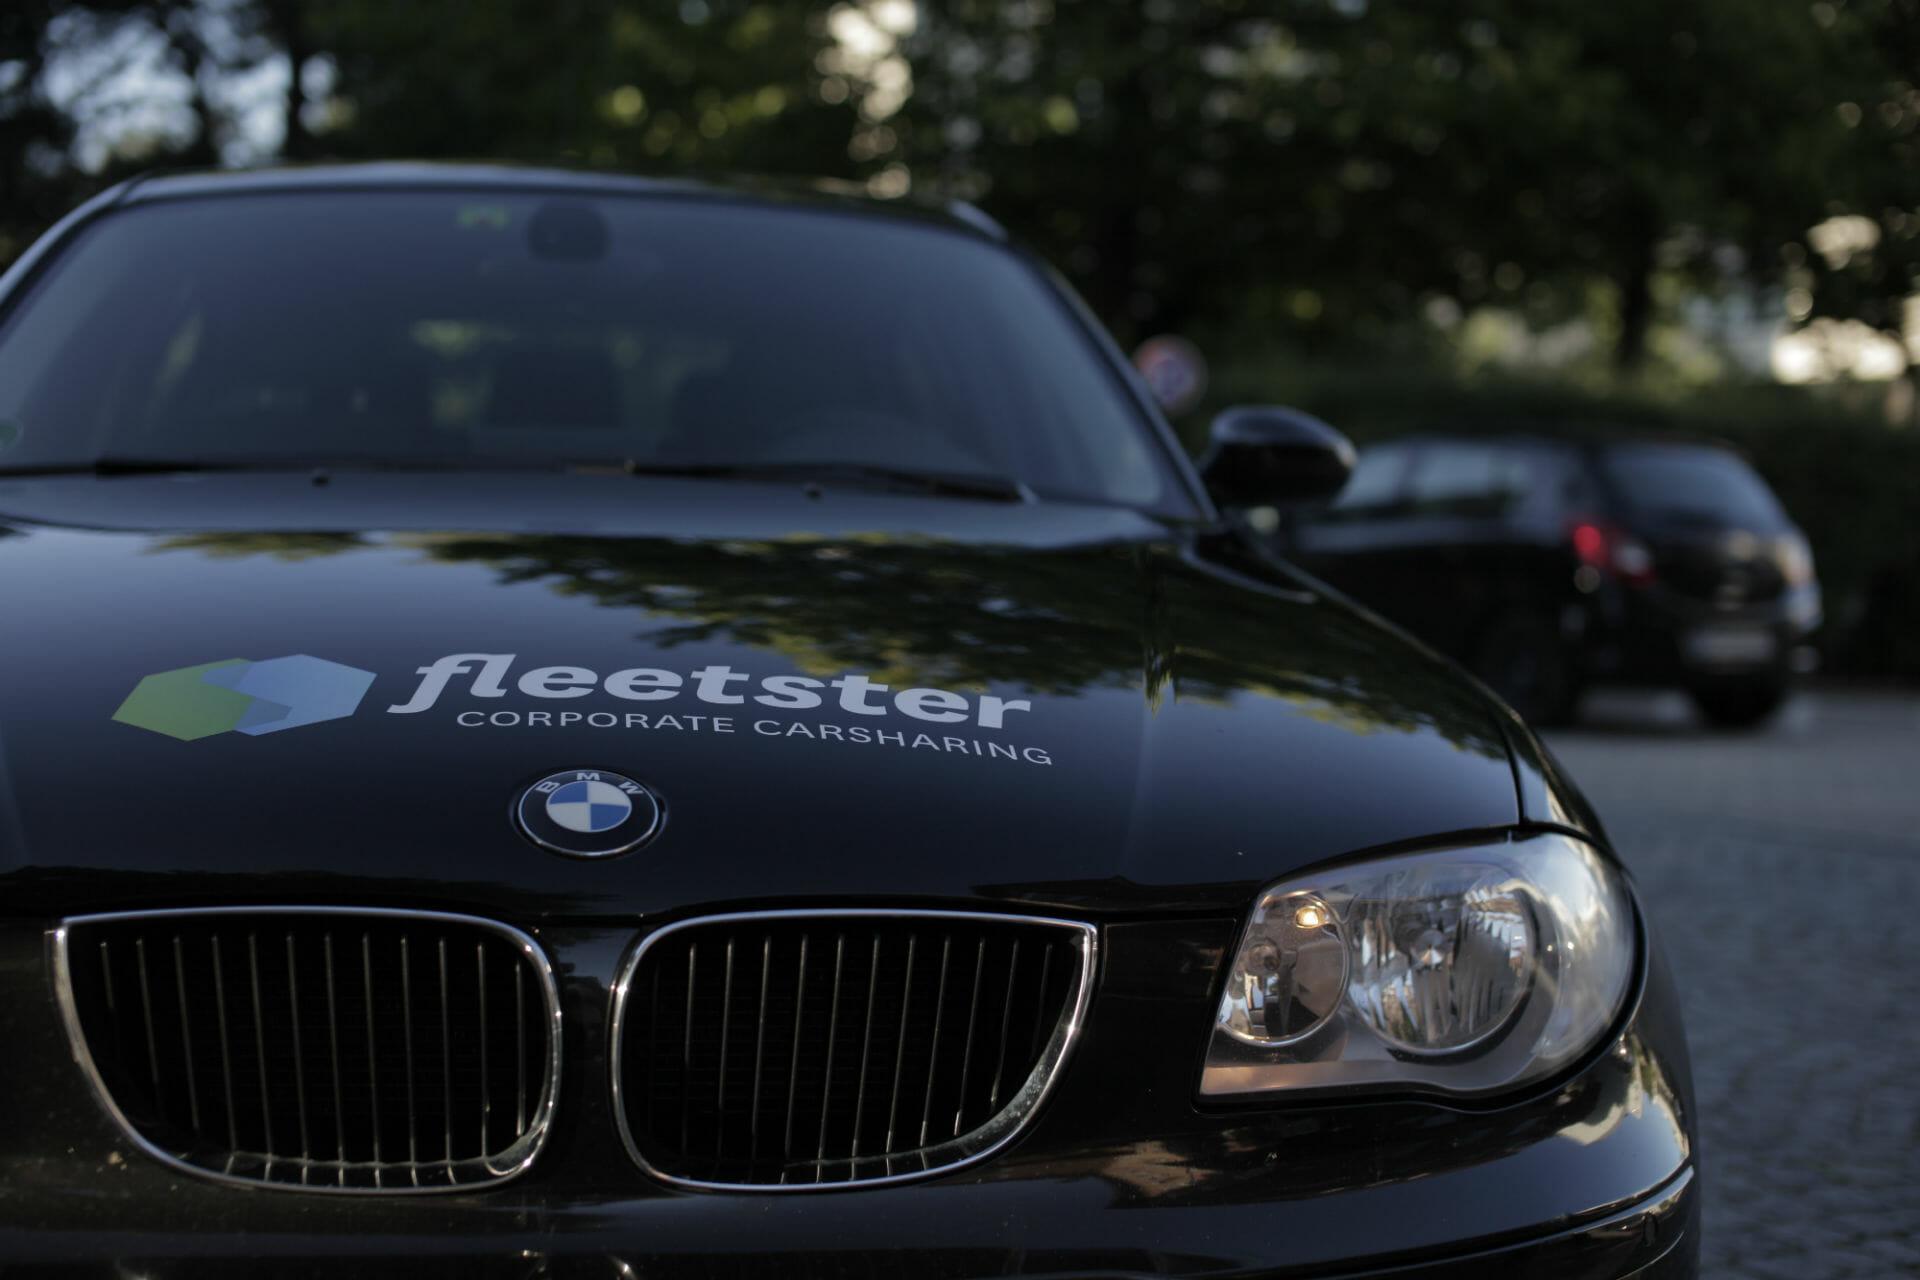 BMW mit fleetster Logo